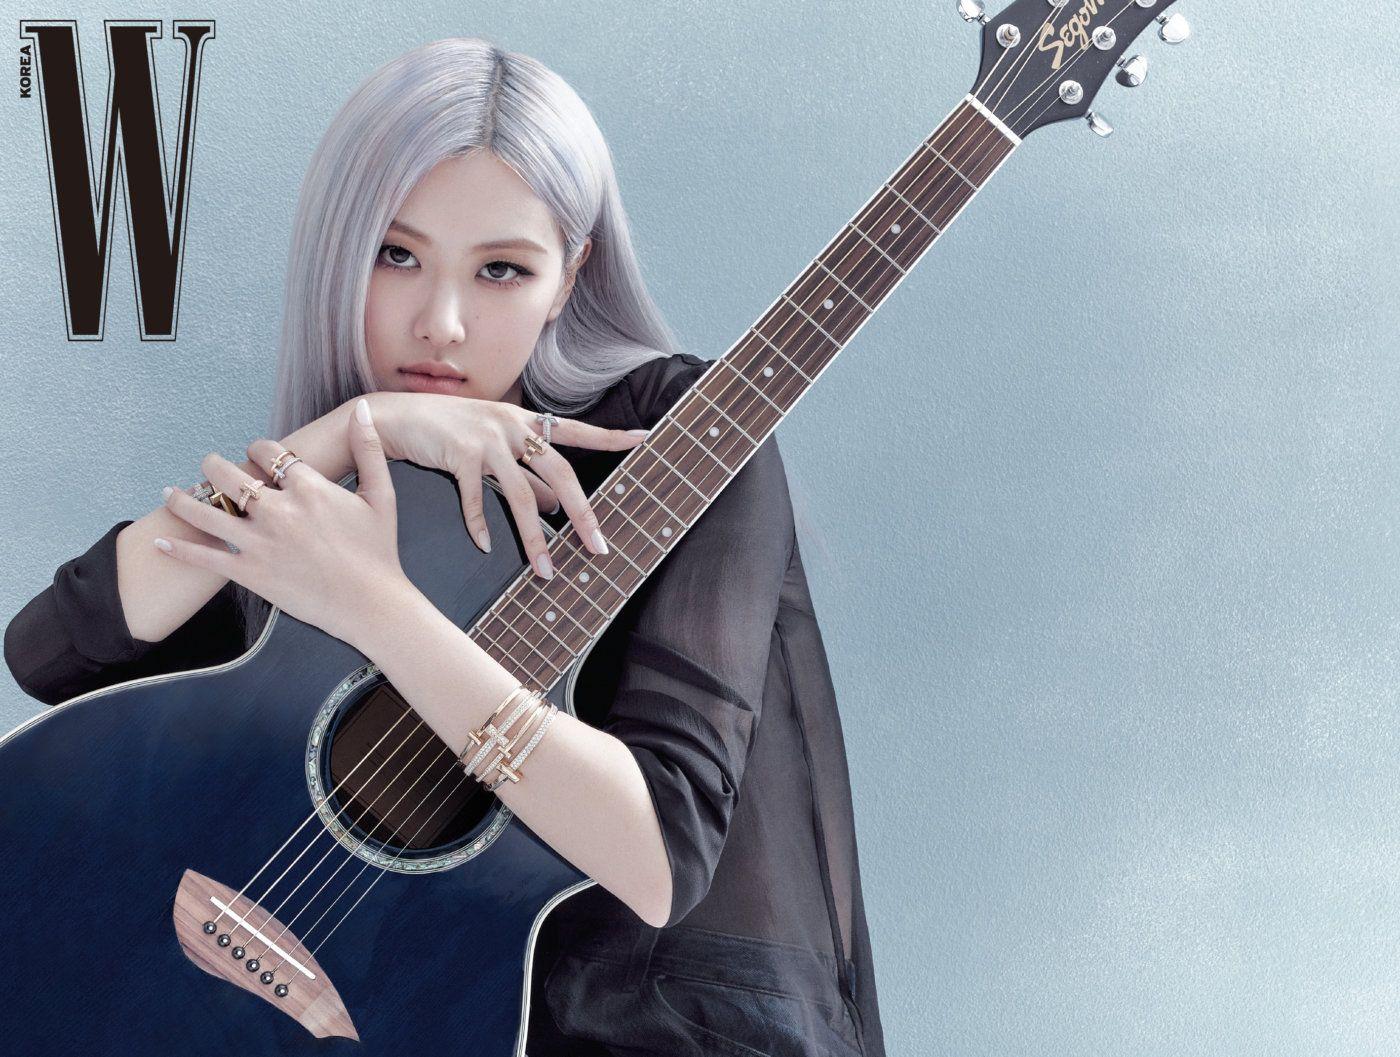 blackpink rose guitar